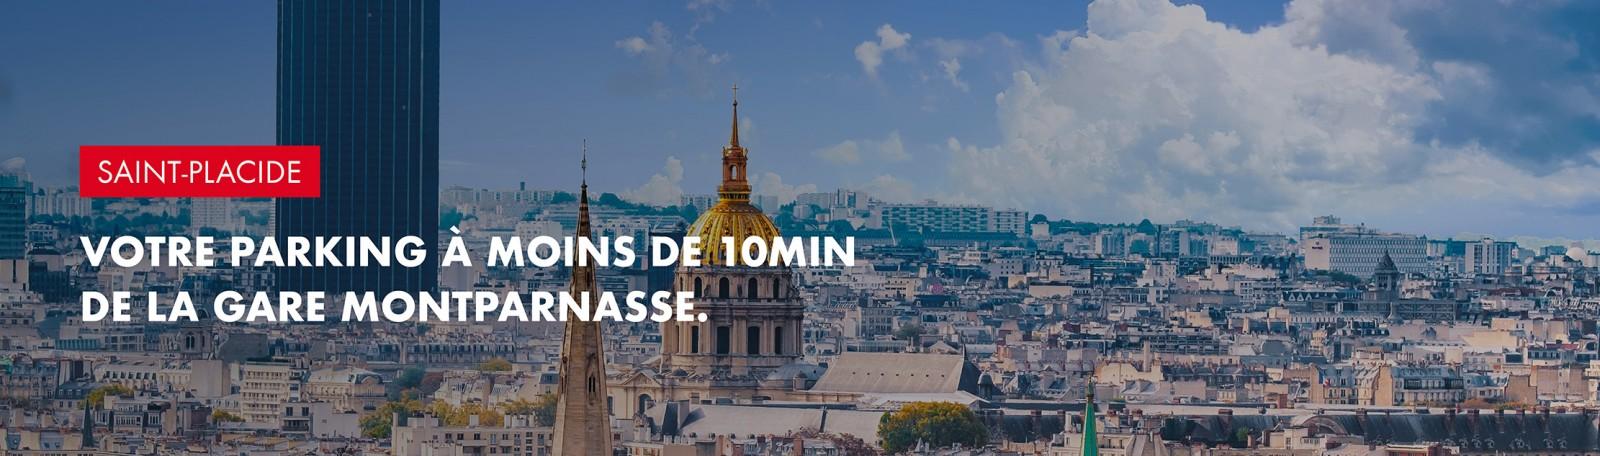 Réservez votre parking à la gare Montparnasse